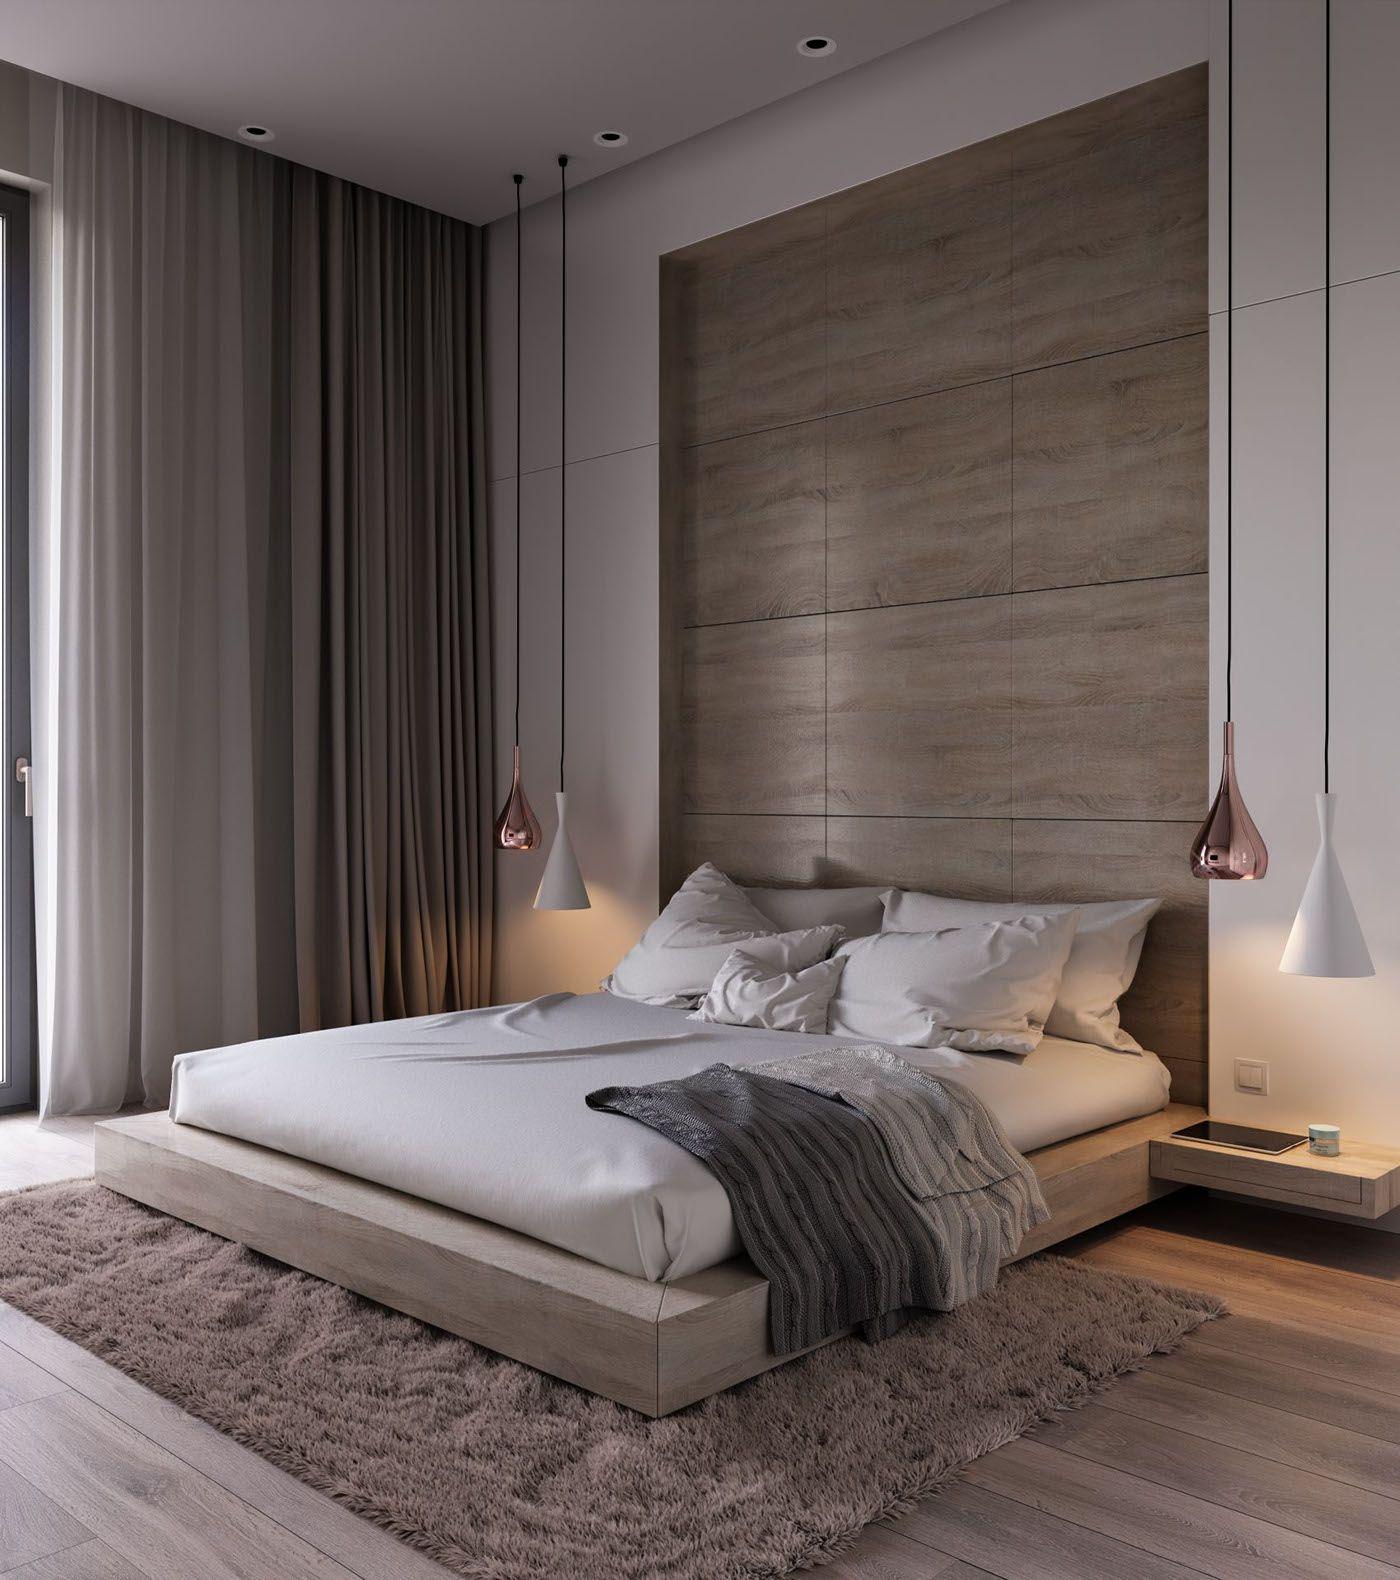 современные спальни дизайн: Идеи дизайна помещений